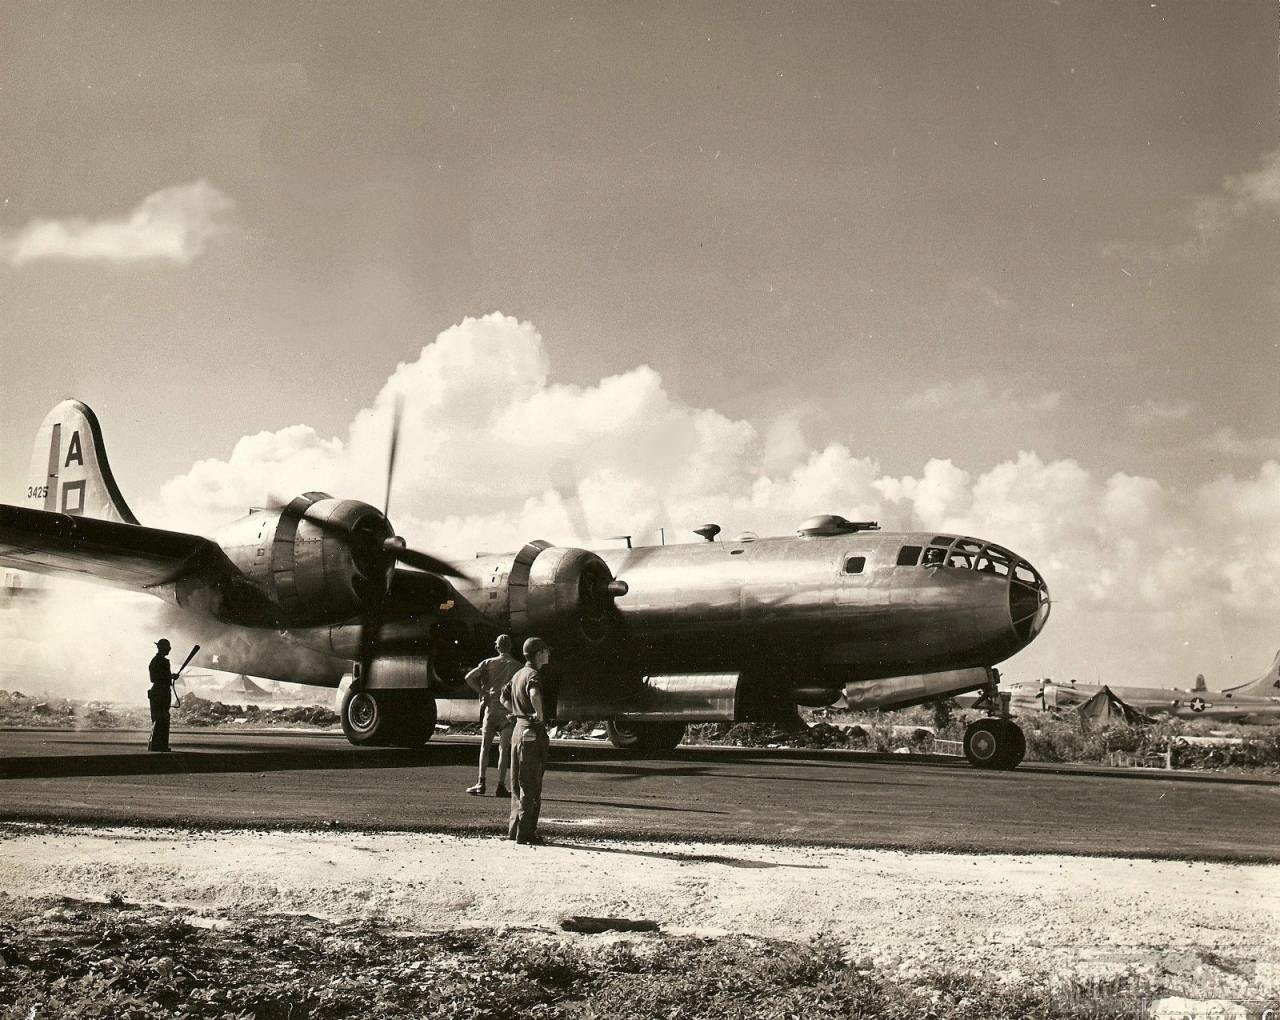 29362 - Стратегические бомбардировки Германии и Японии